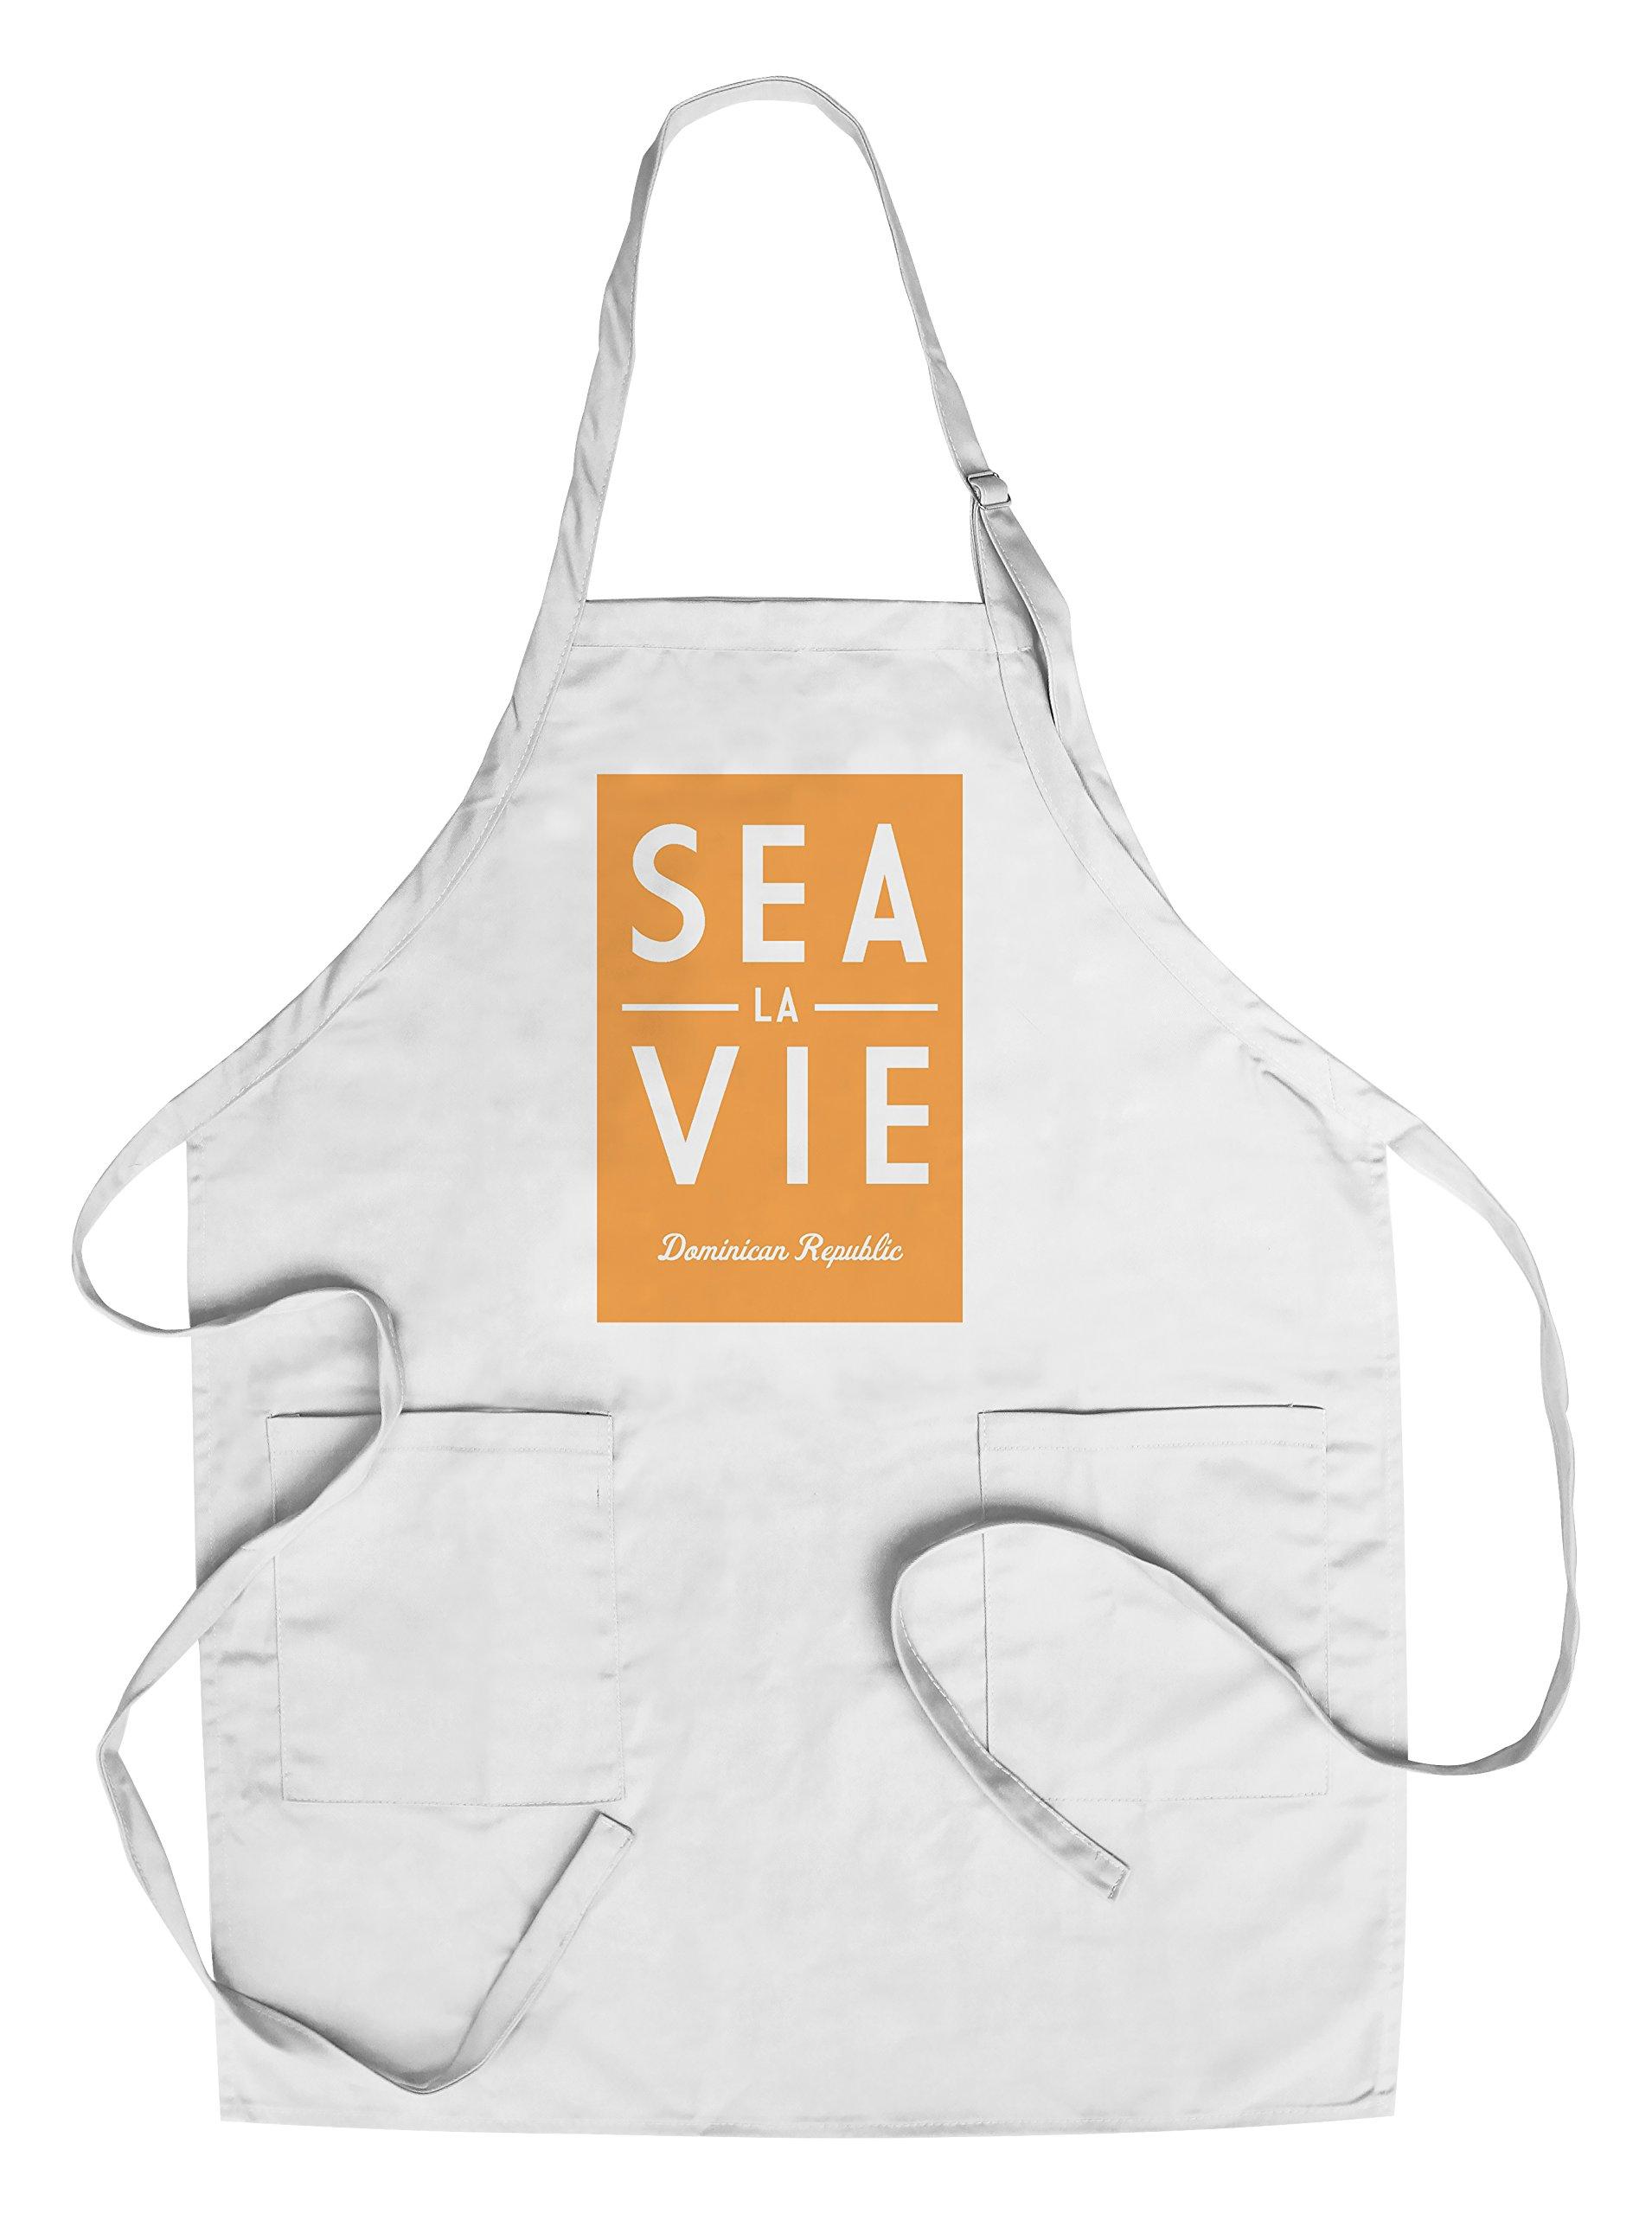 Dominican Republic - Sea La Vie - Simply Said (Cotton/Polyester Chef's Apron)